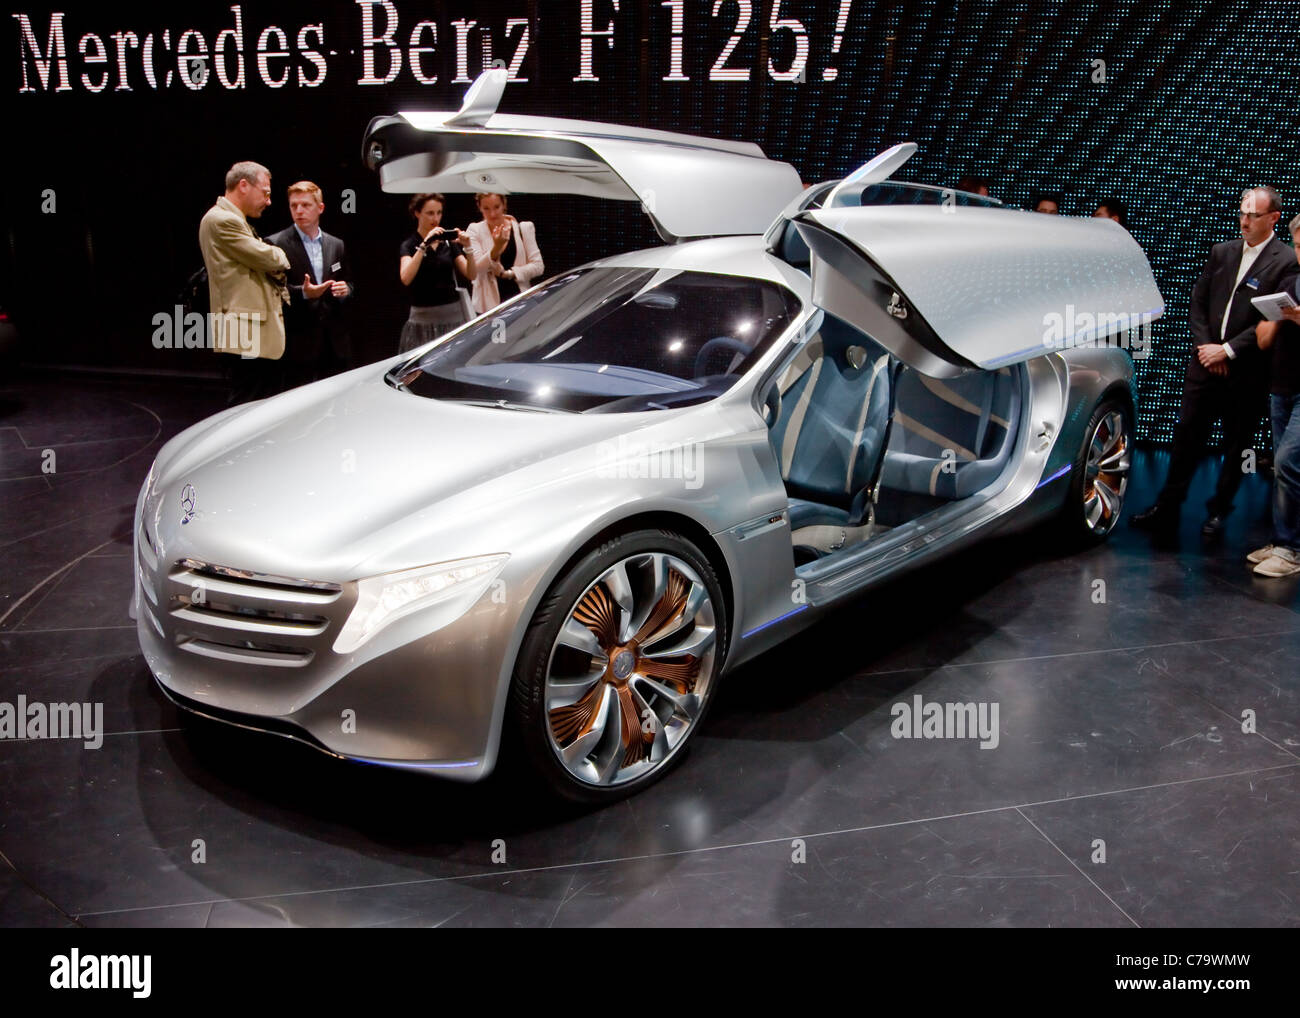 Nouveau Concept Car Mercedes Benz F125 sur l'IAA 2011 International Motor Show de Francfort, Allemagne Photo Stock